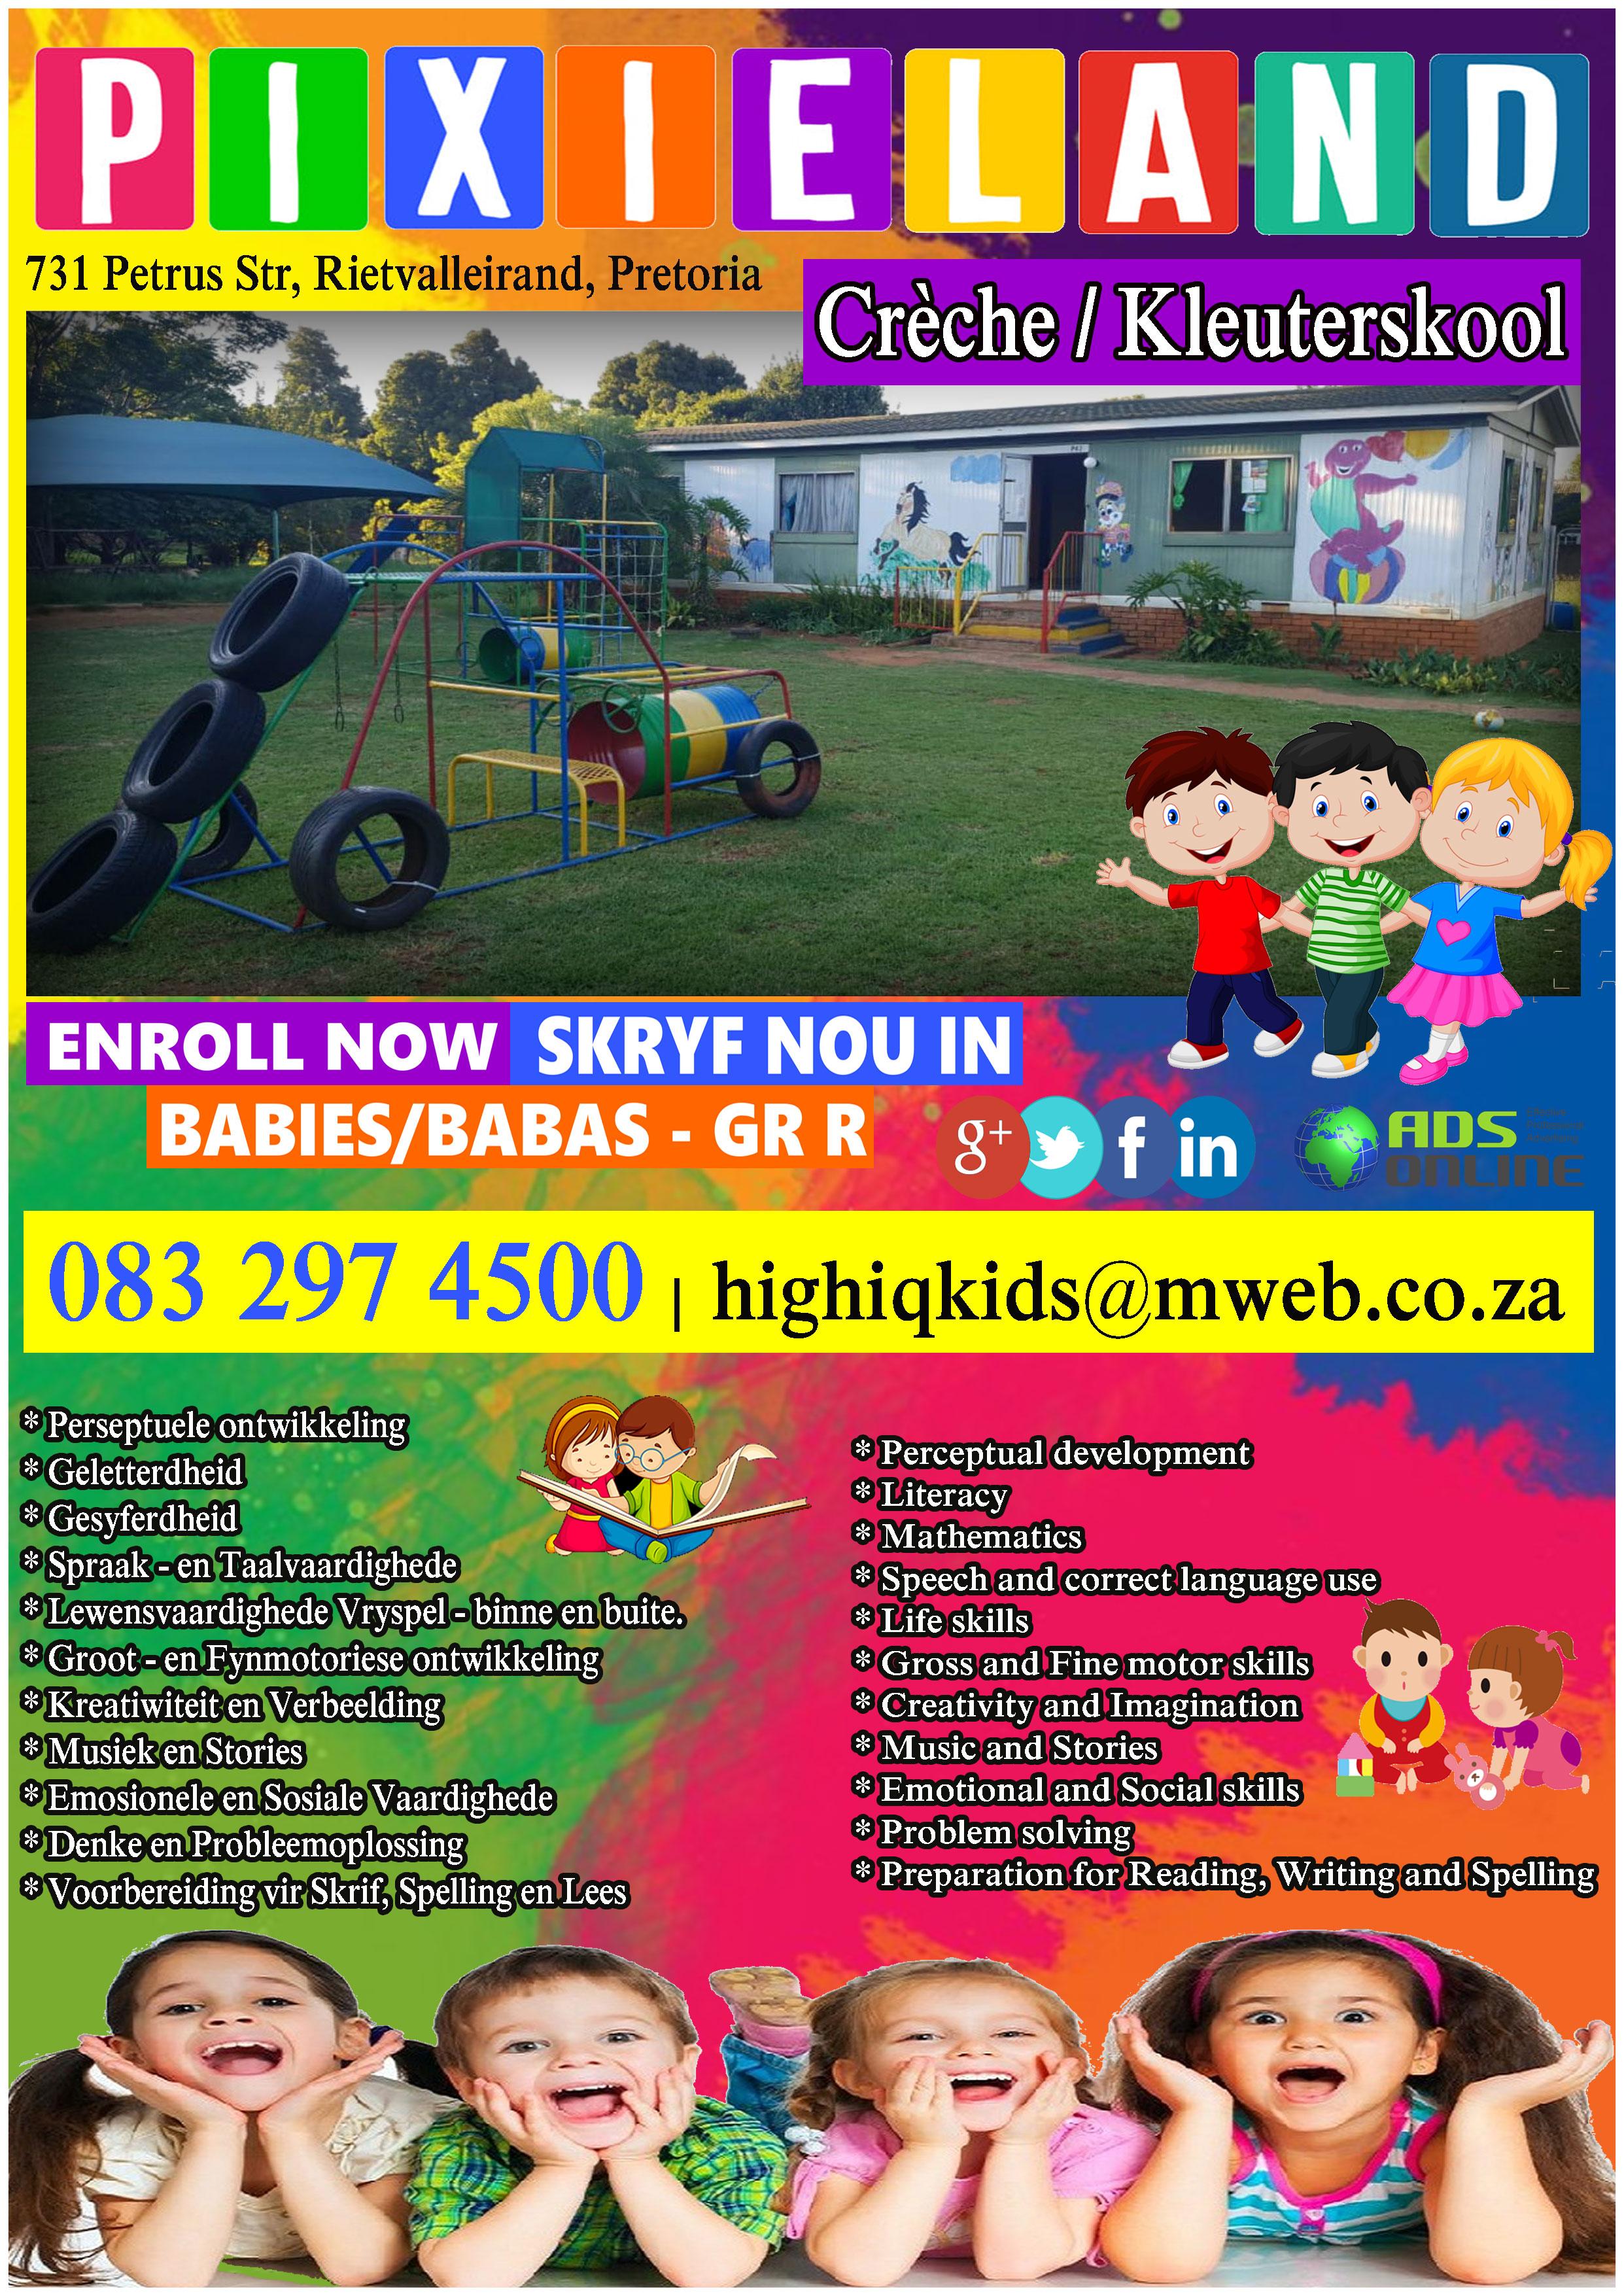 Pixieland Crèche/Kleuterskool | Rietvalleirand, Pretoria, Gauteng